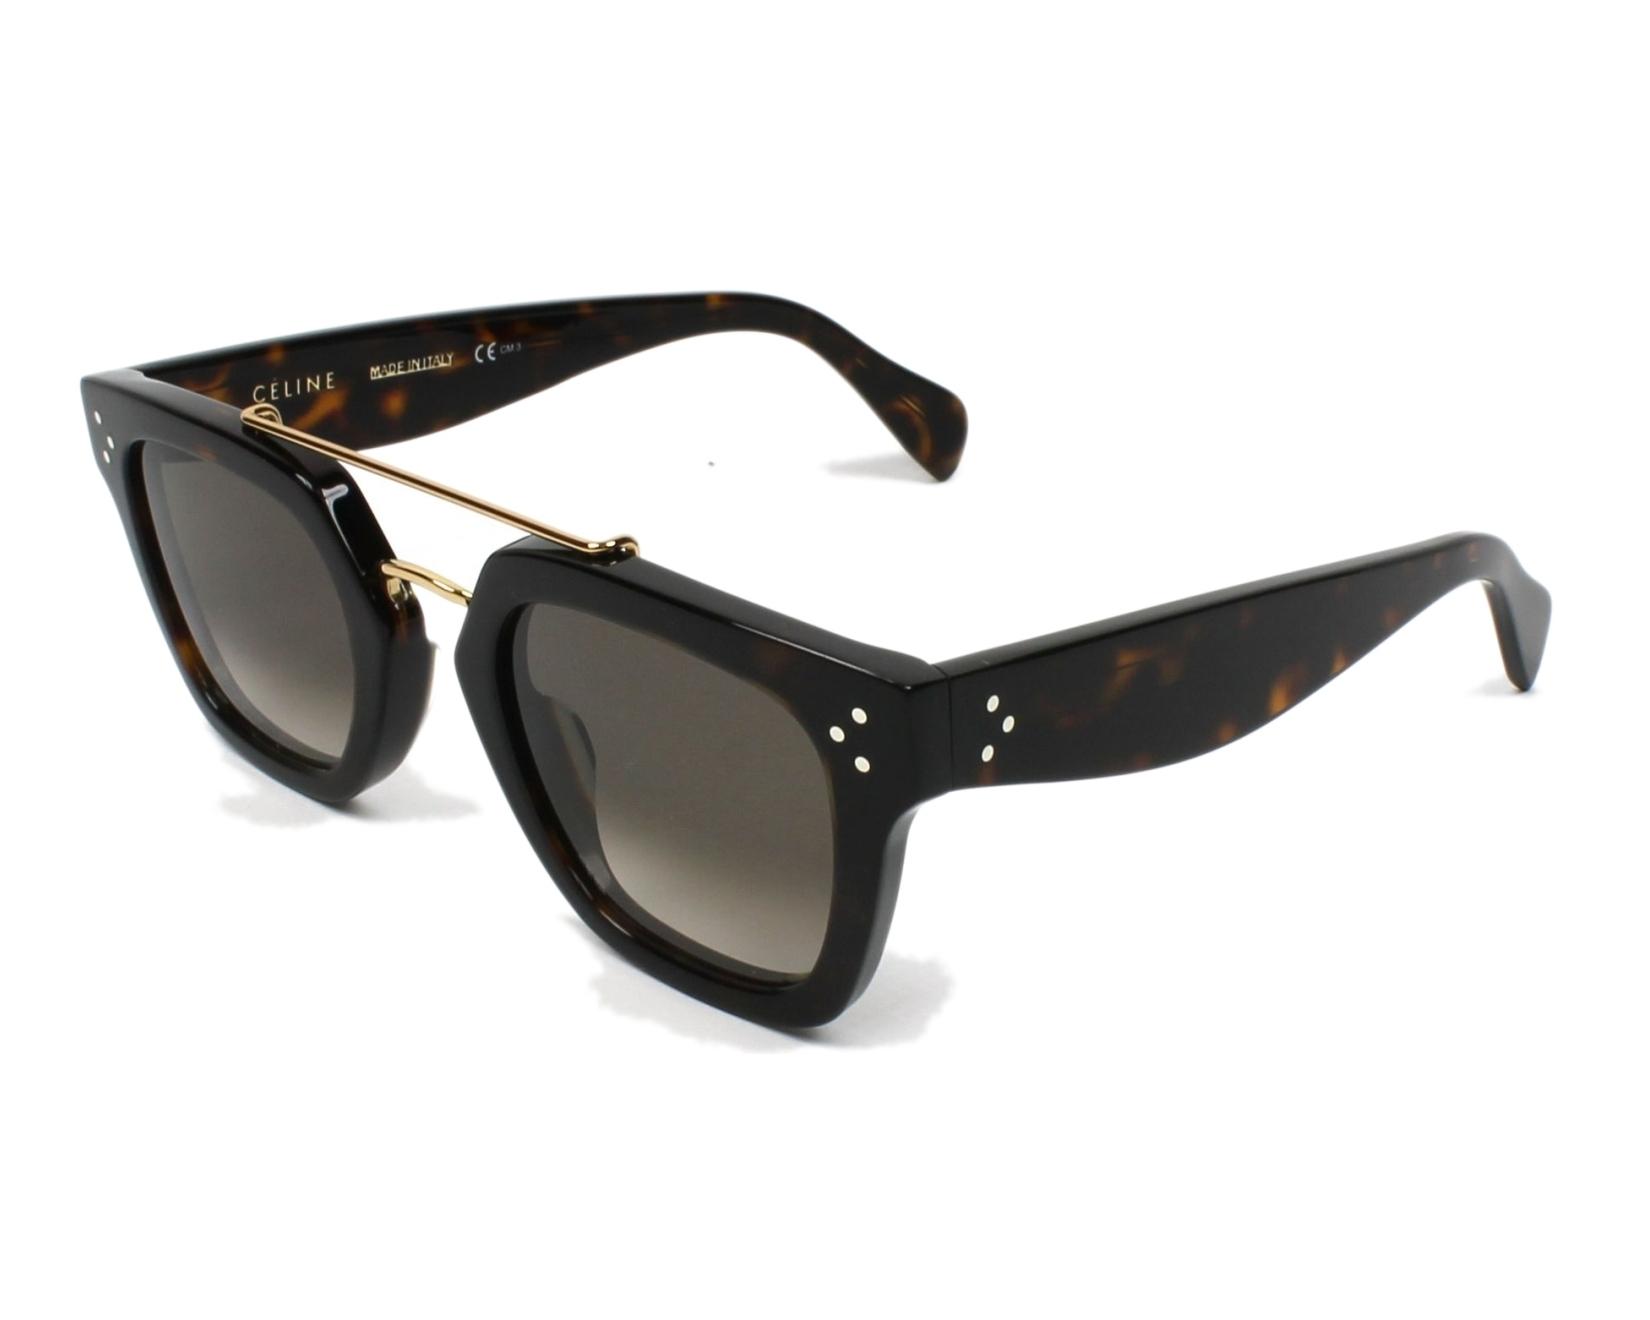 a61f5e005c7 Sunglasses Céline CL-41077 086 Z3 - Havana Gold profile view